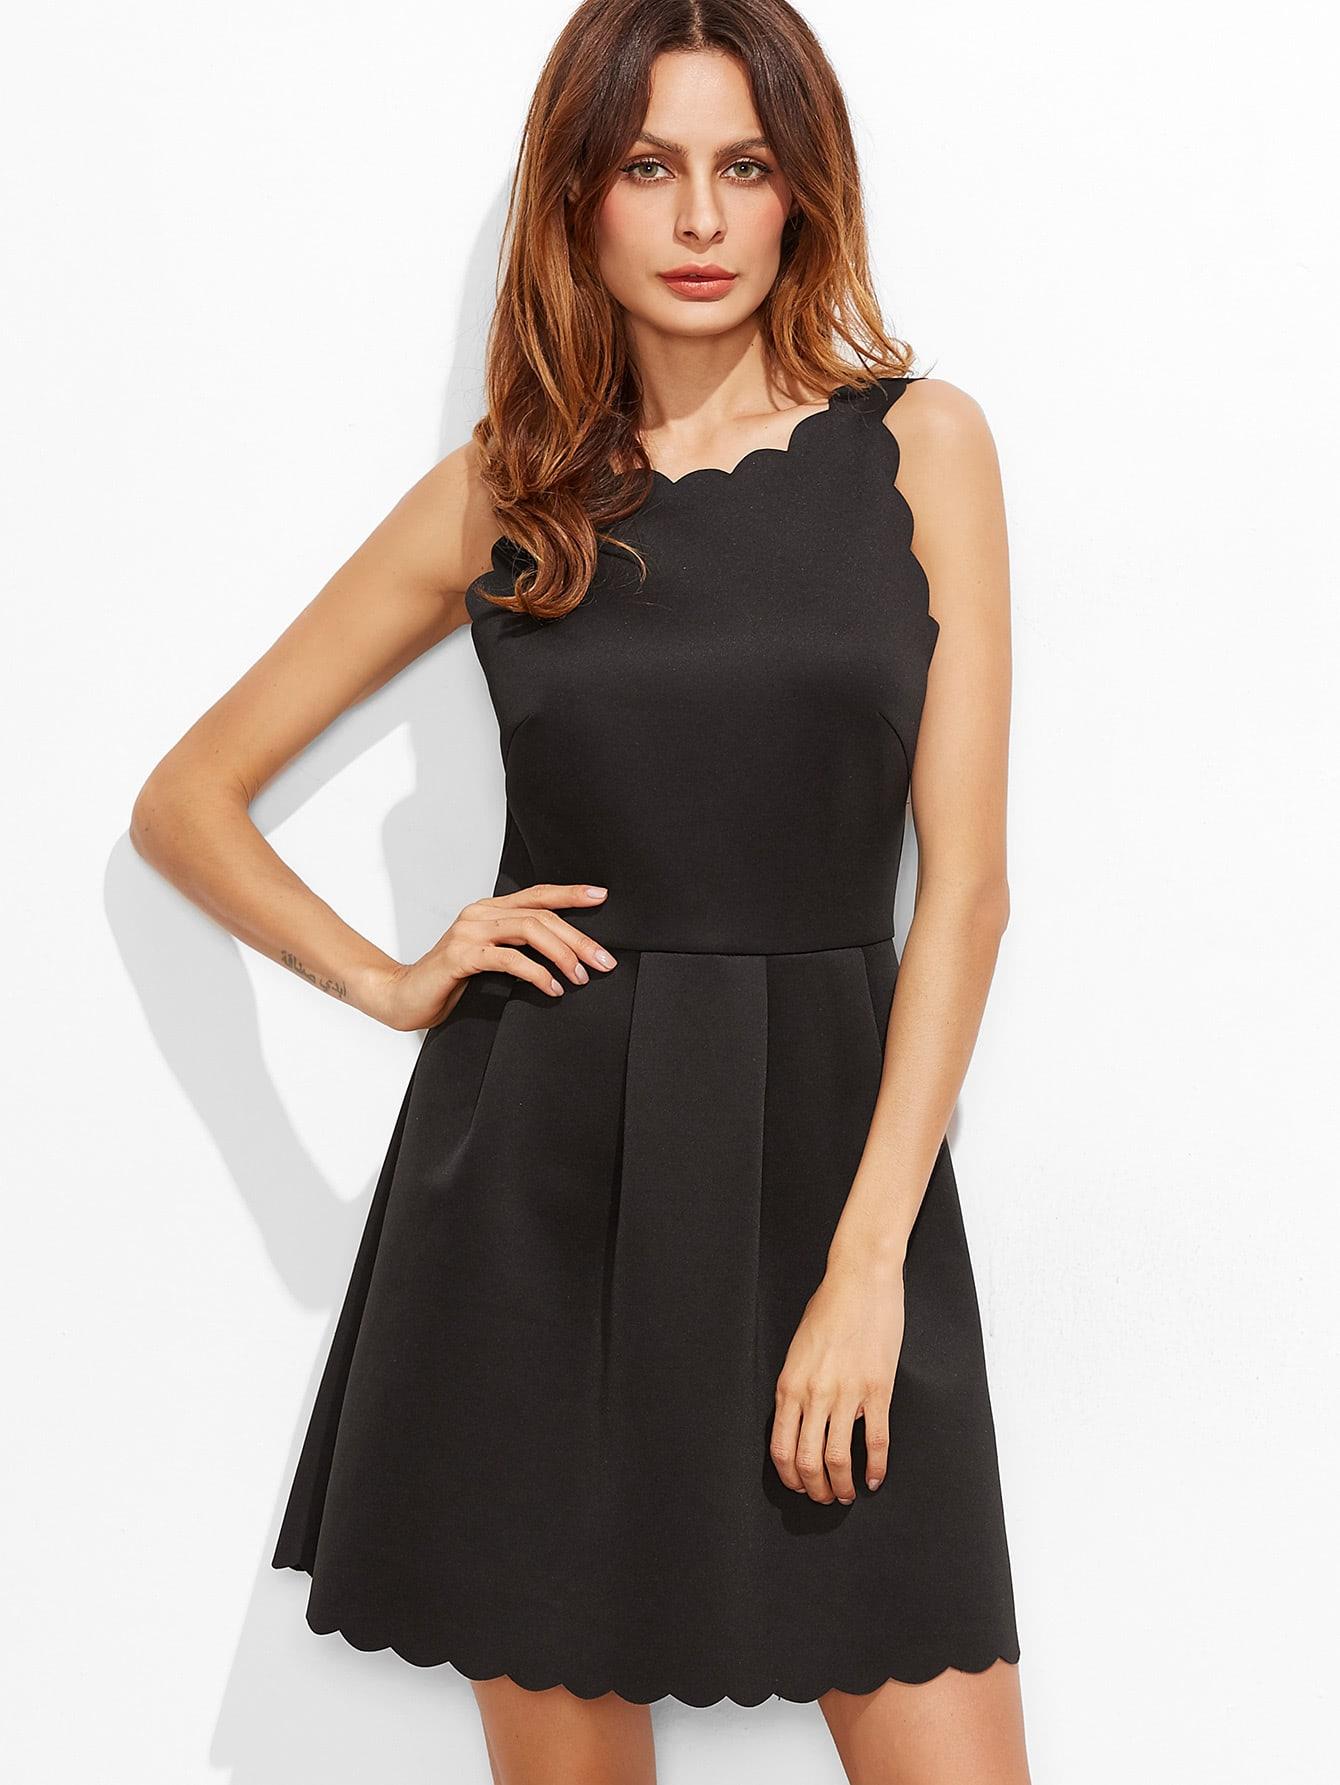 dress161205721_2